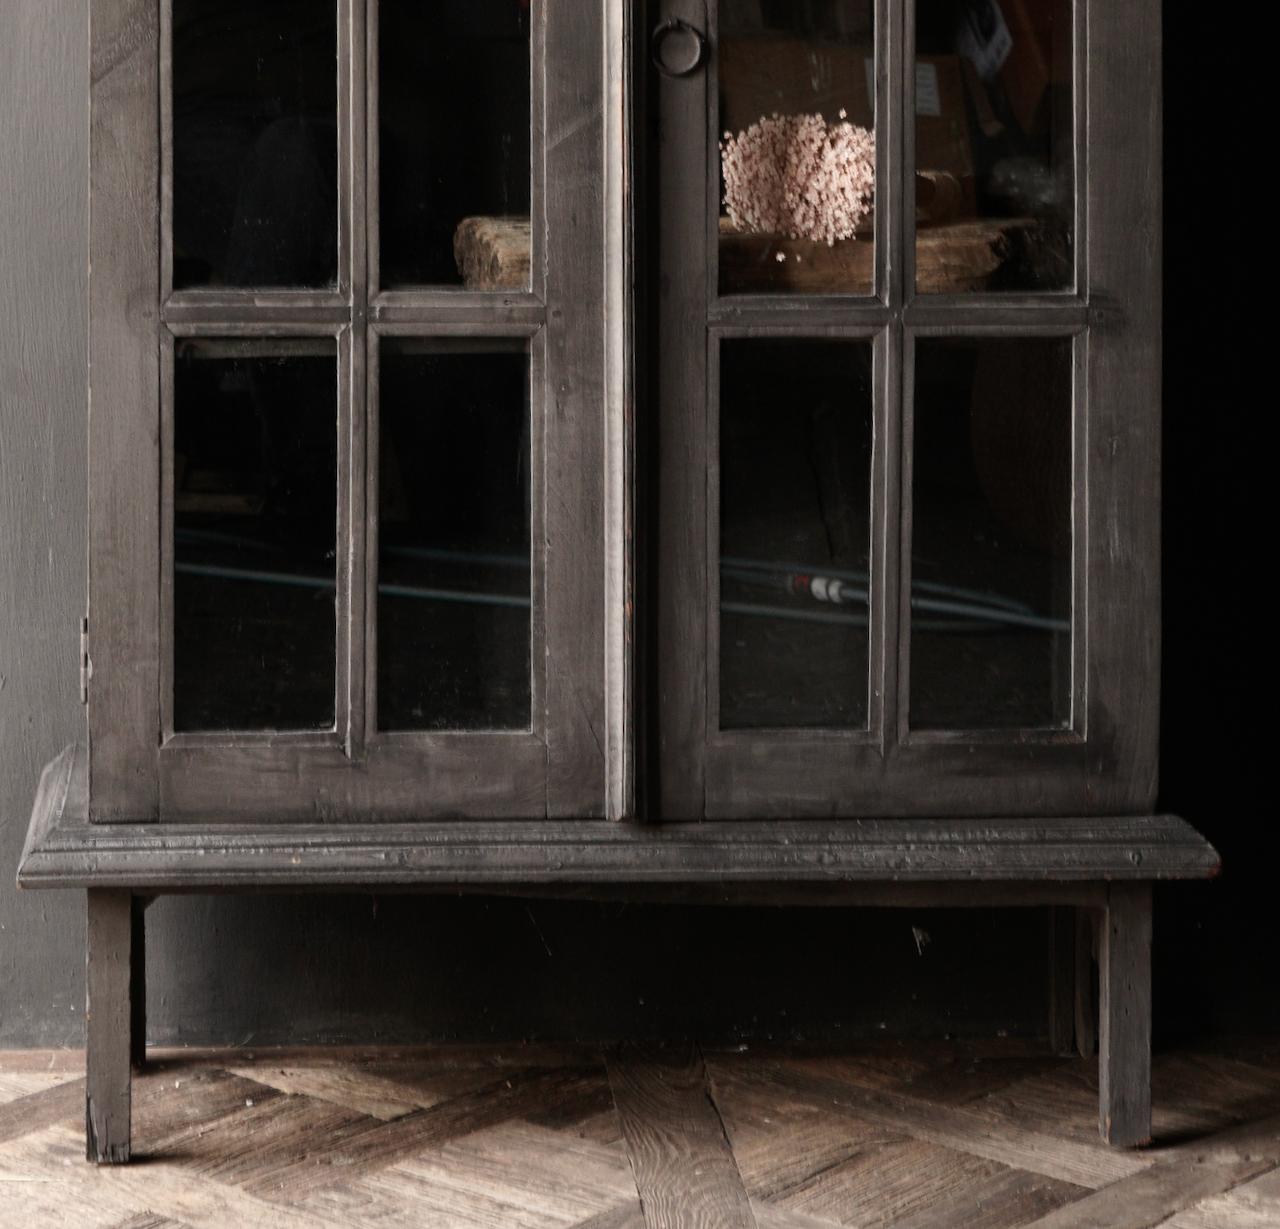 Oude Unieke Indische ( Wabi Sabi) kastje twee glas deuren-2